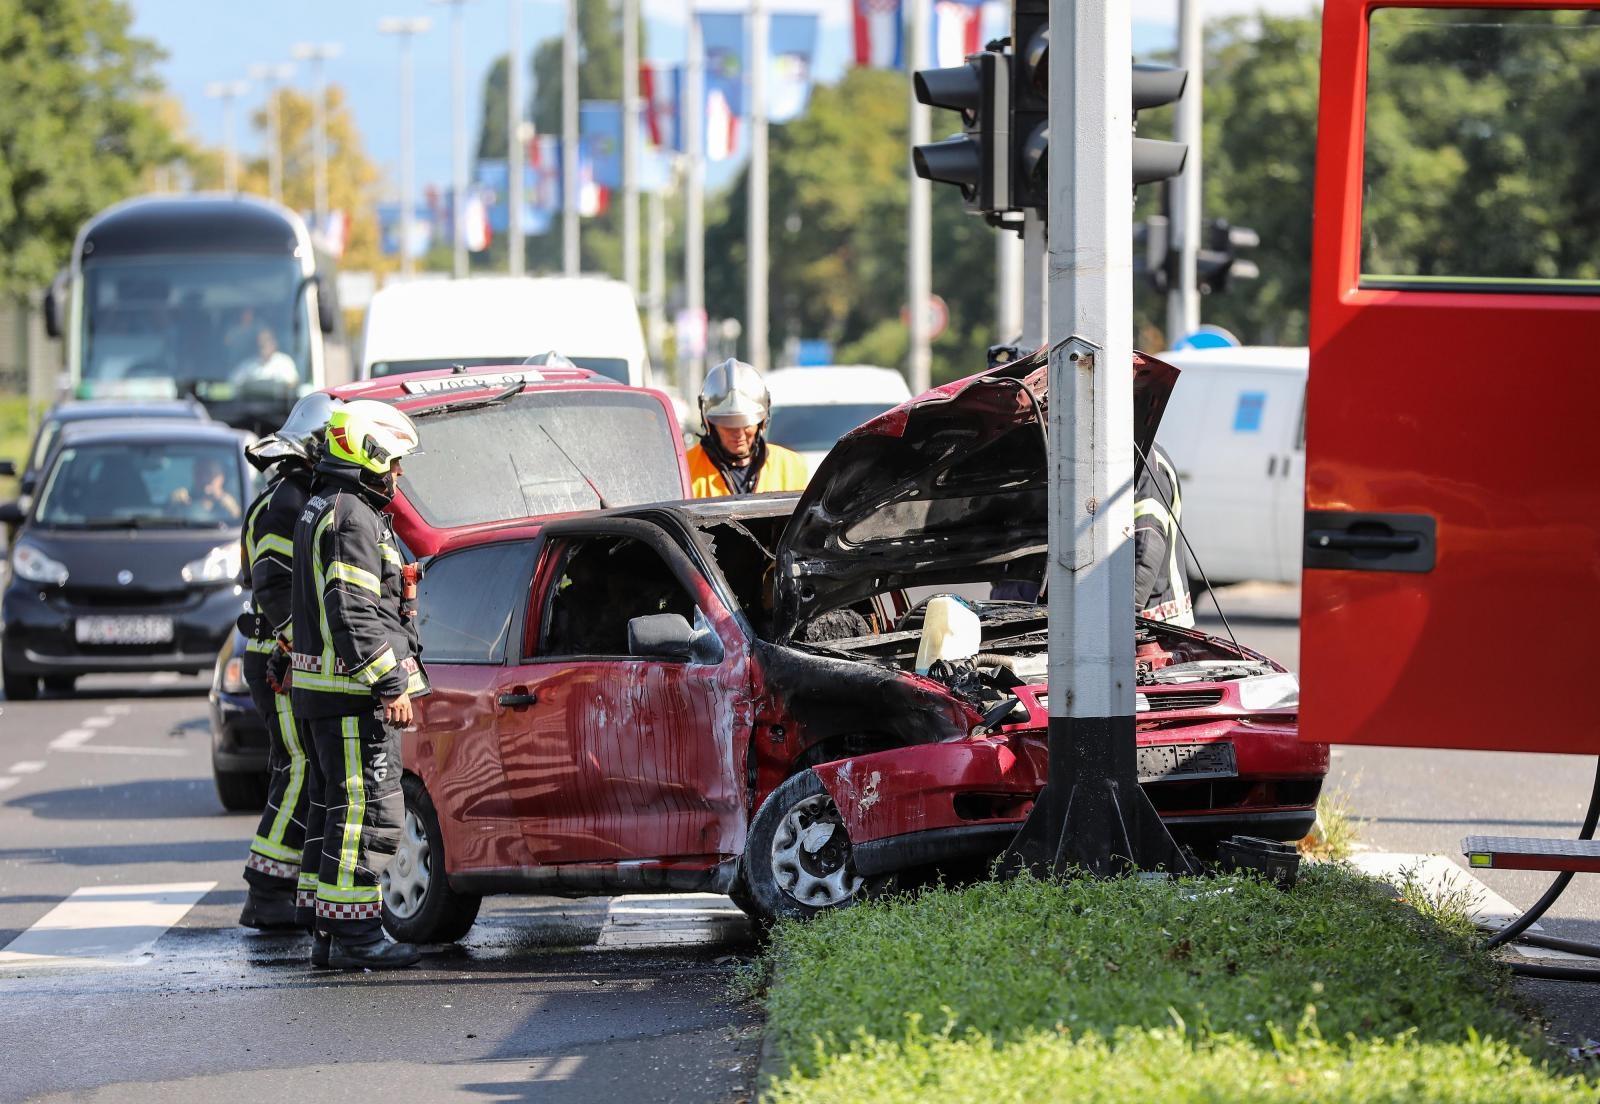 VIDEO: TEŠKA PROMETNA NESREĆA U DUGAVAMA – Uslijed sudara planuo automobil